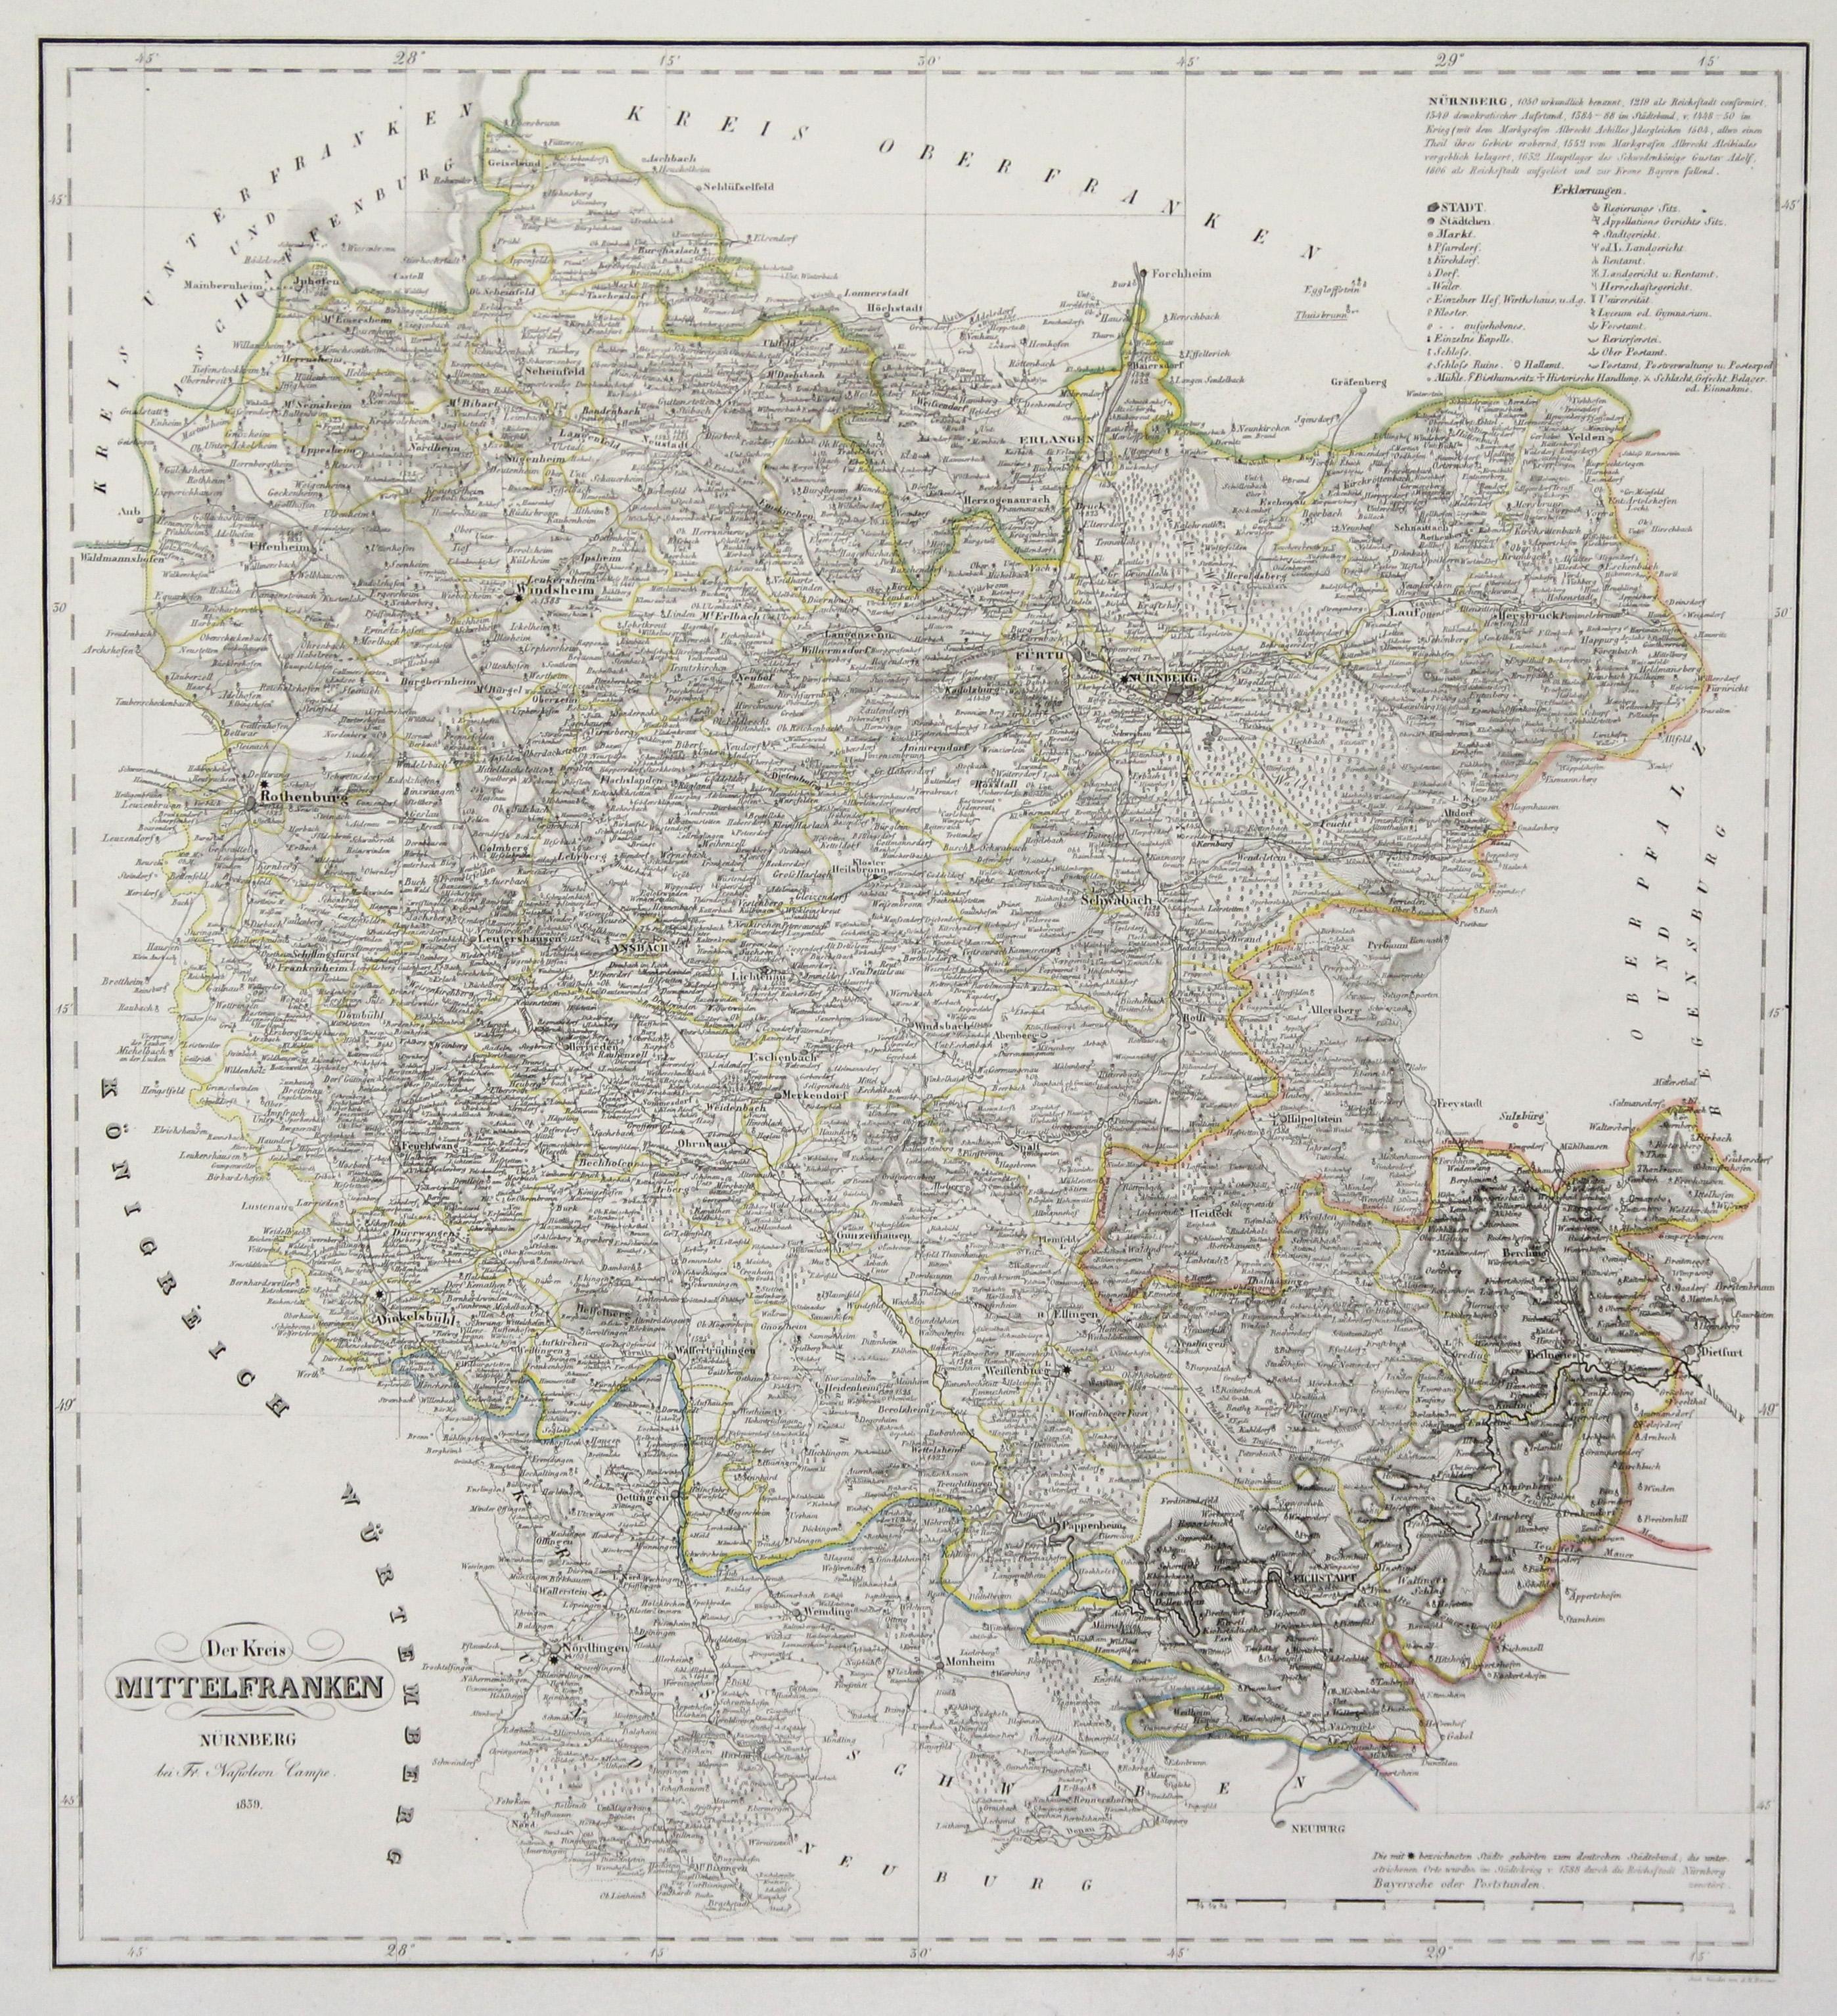 Mittelfranken Karte.Stahlstich Karte N C F Hammer Bei Fr